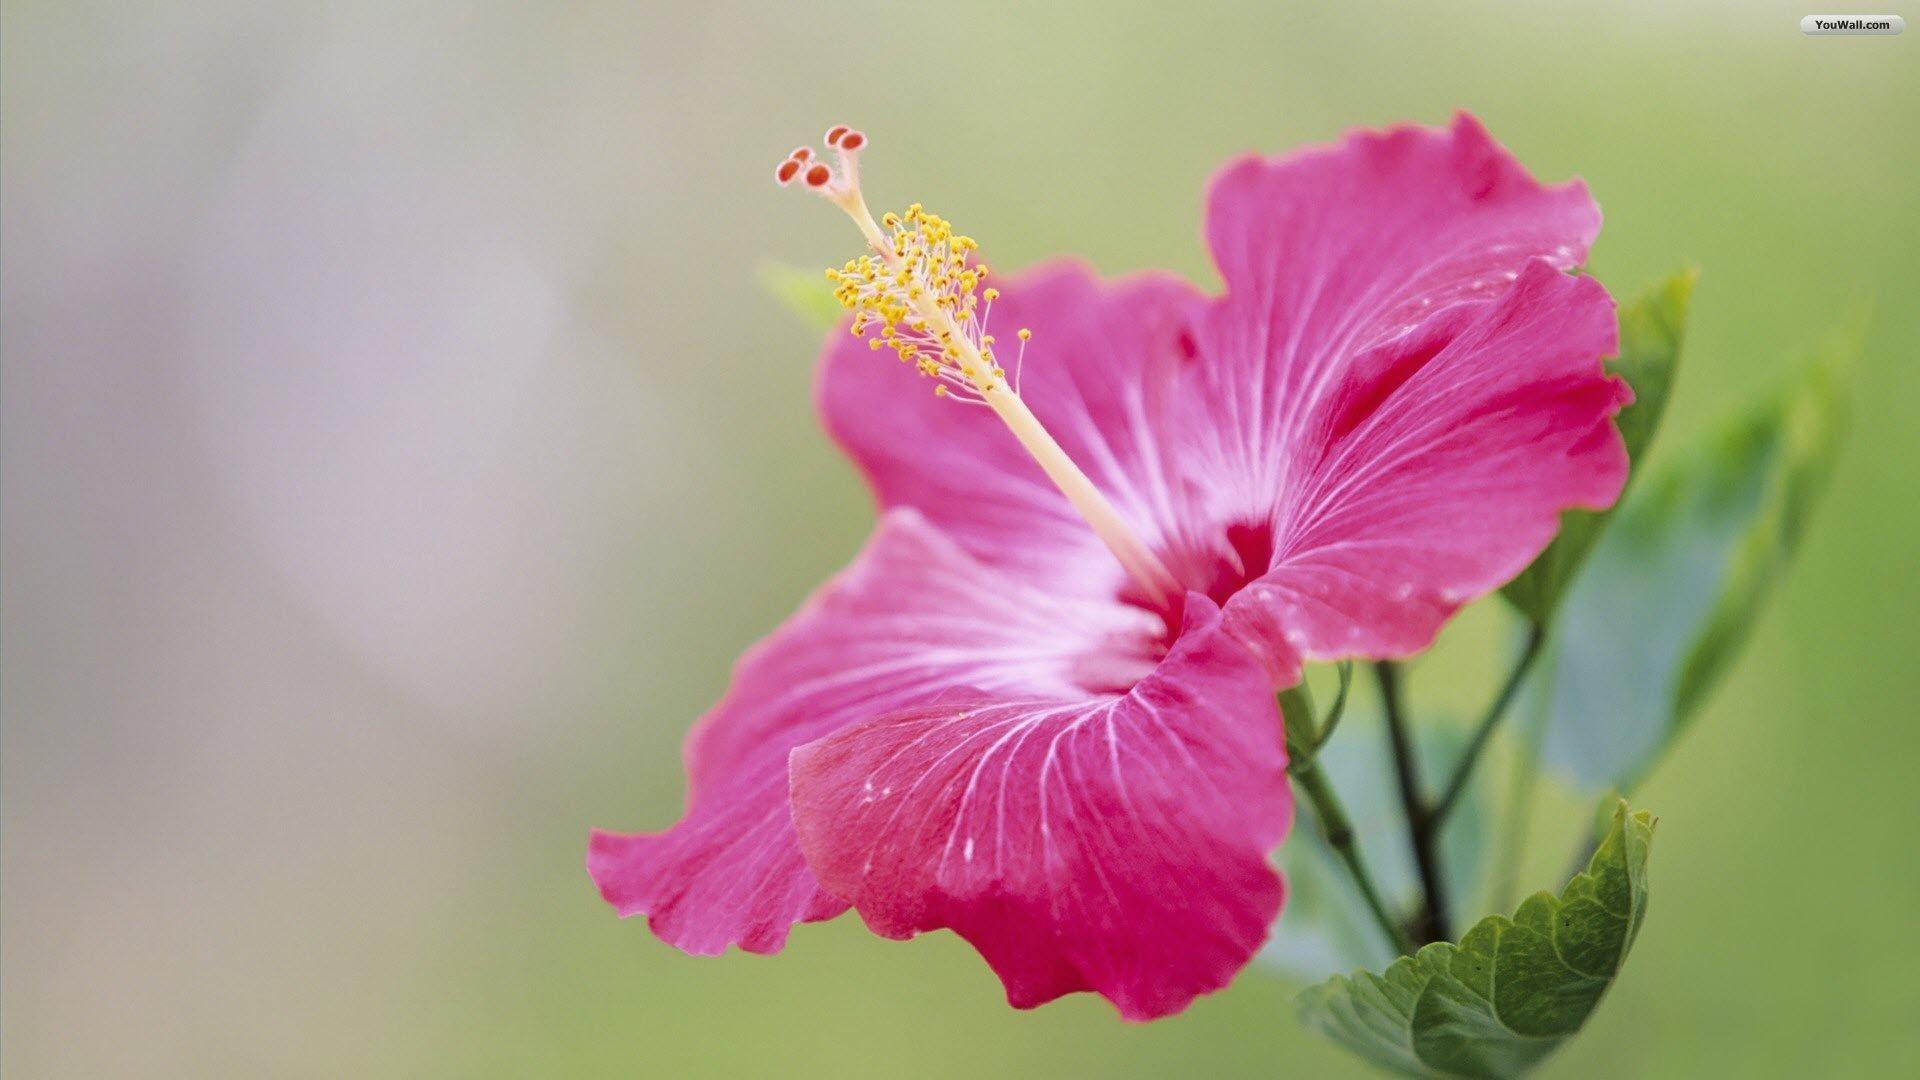 6. veronica-flower-wallpaper6-600×338